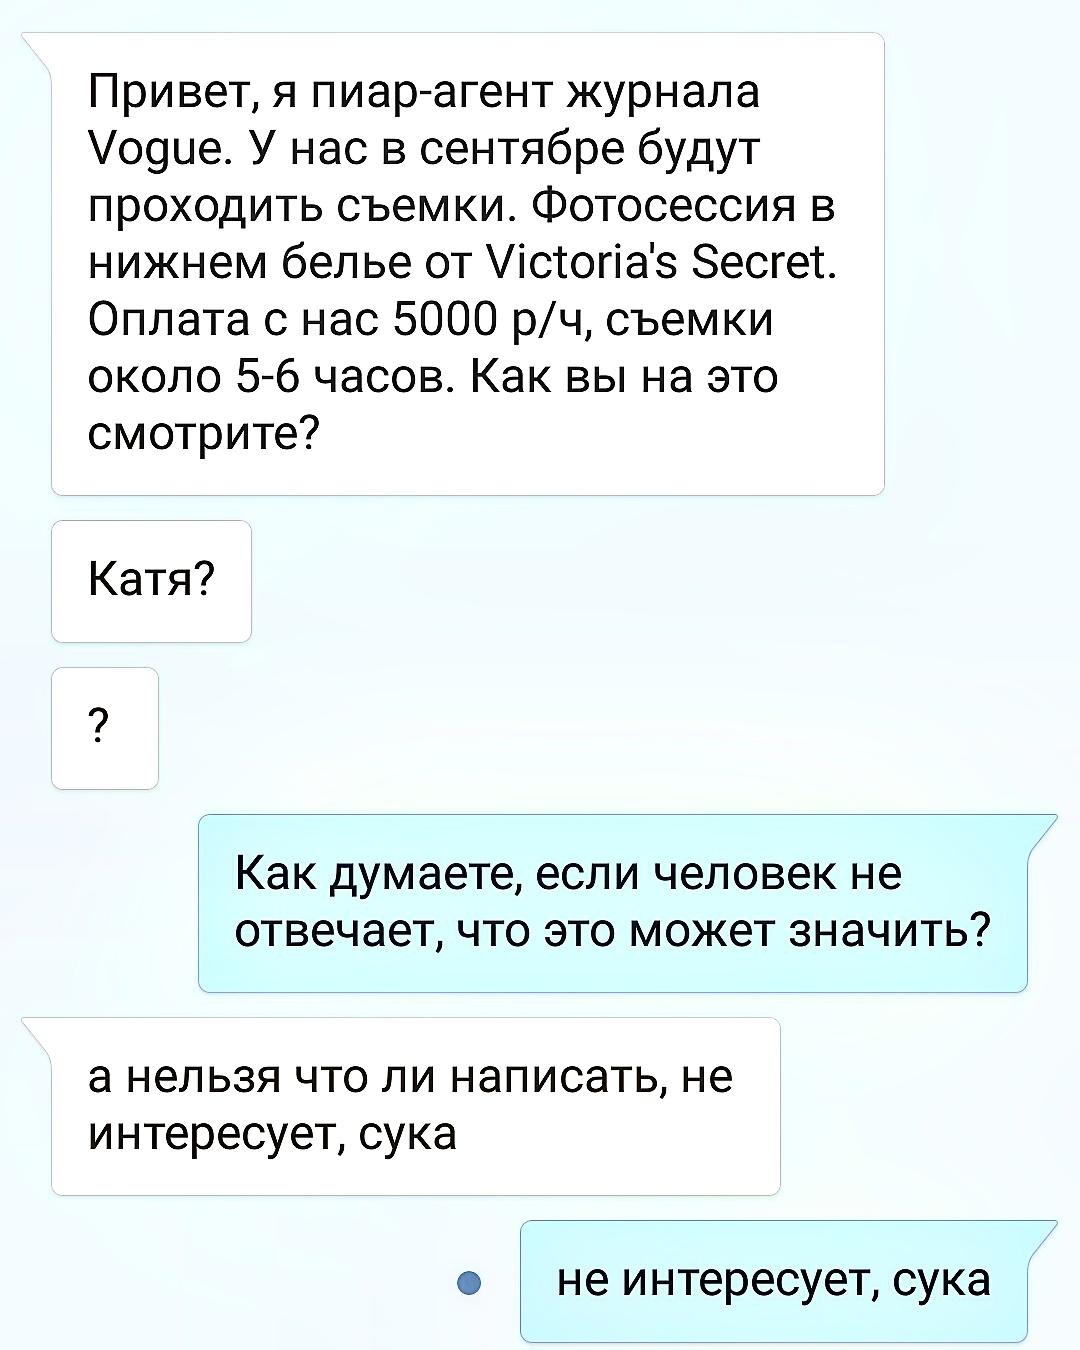 Как ответить девушке да нет не знаю